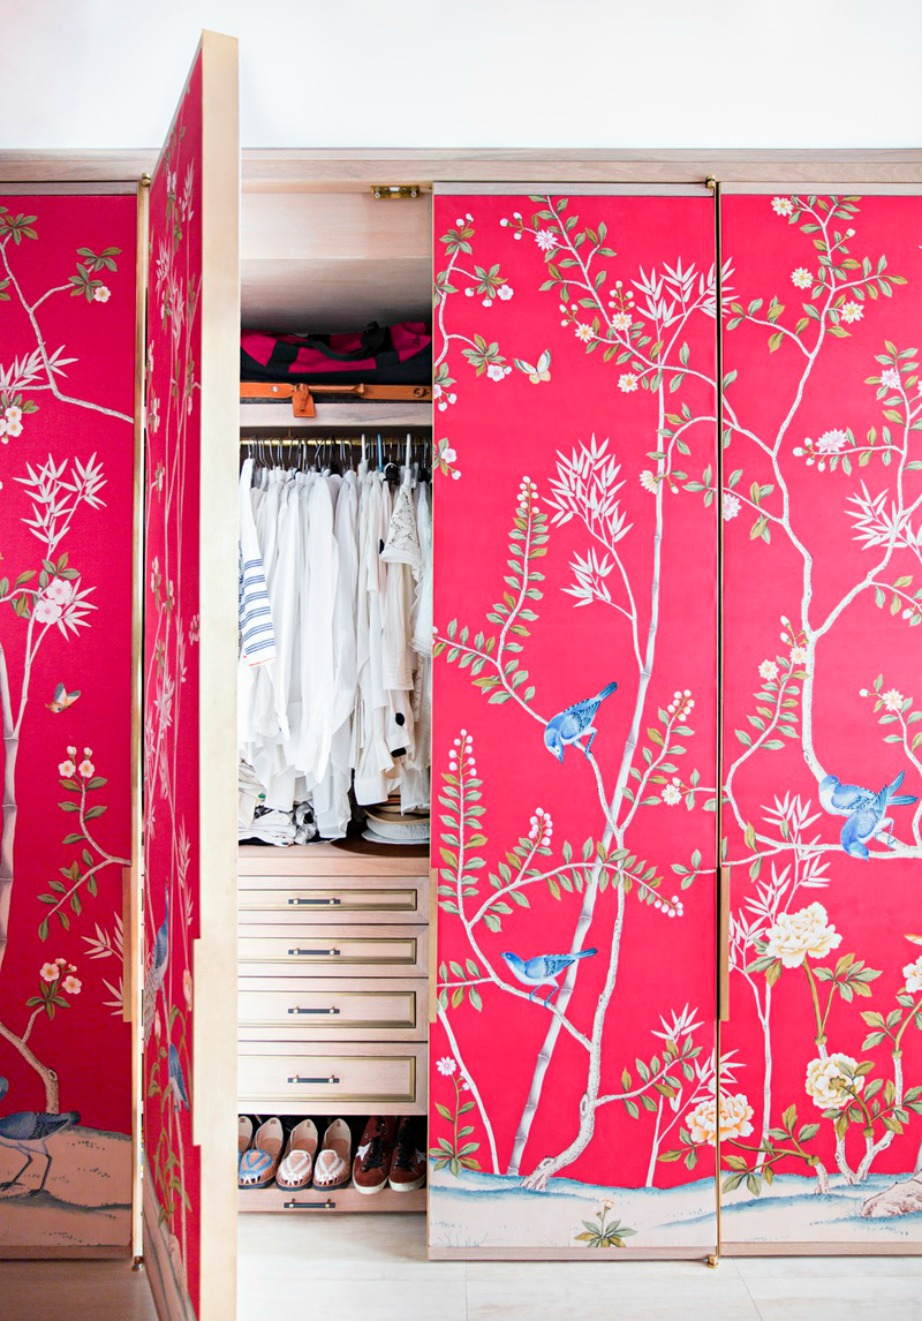 Μια όμορφη και ξεχωριστή νότα στο δωμάτιό σας που θα μοιάζει σα έχετε βάψει τον τοίχο σας.